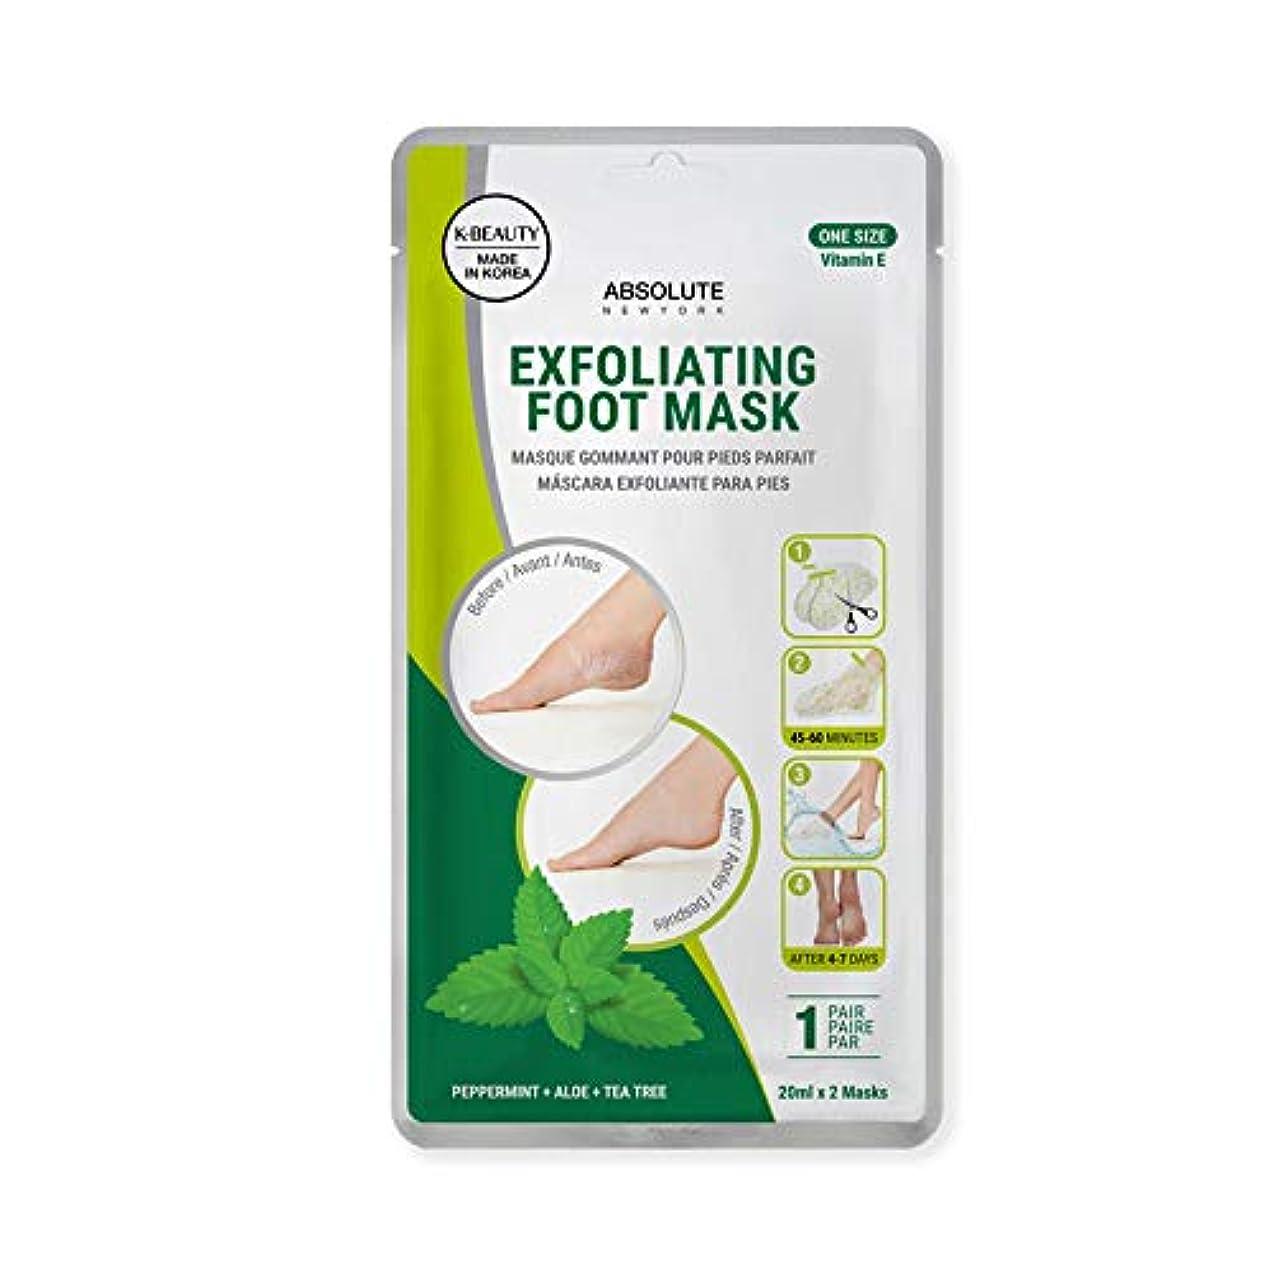 チャールズキージングラインナップ。ABSOLUTE Exfoliating Foot Mask - Peppermint + Aloe + Tea Tree (並行輸入品)